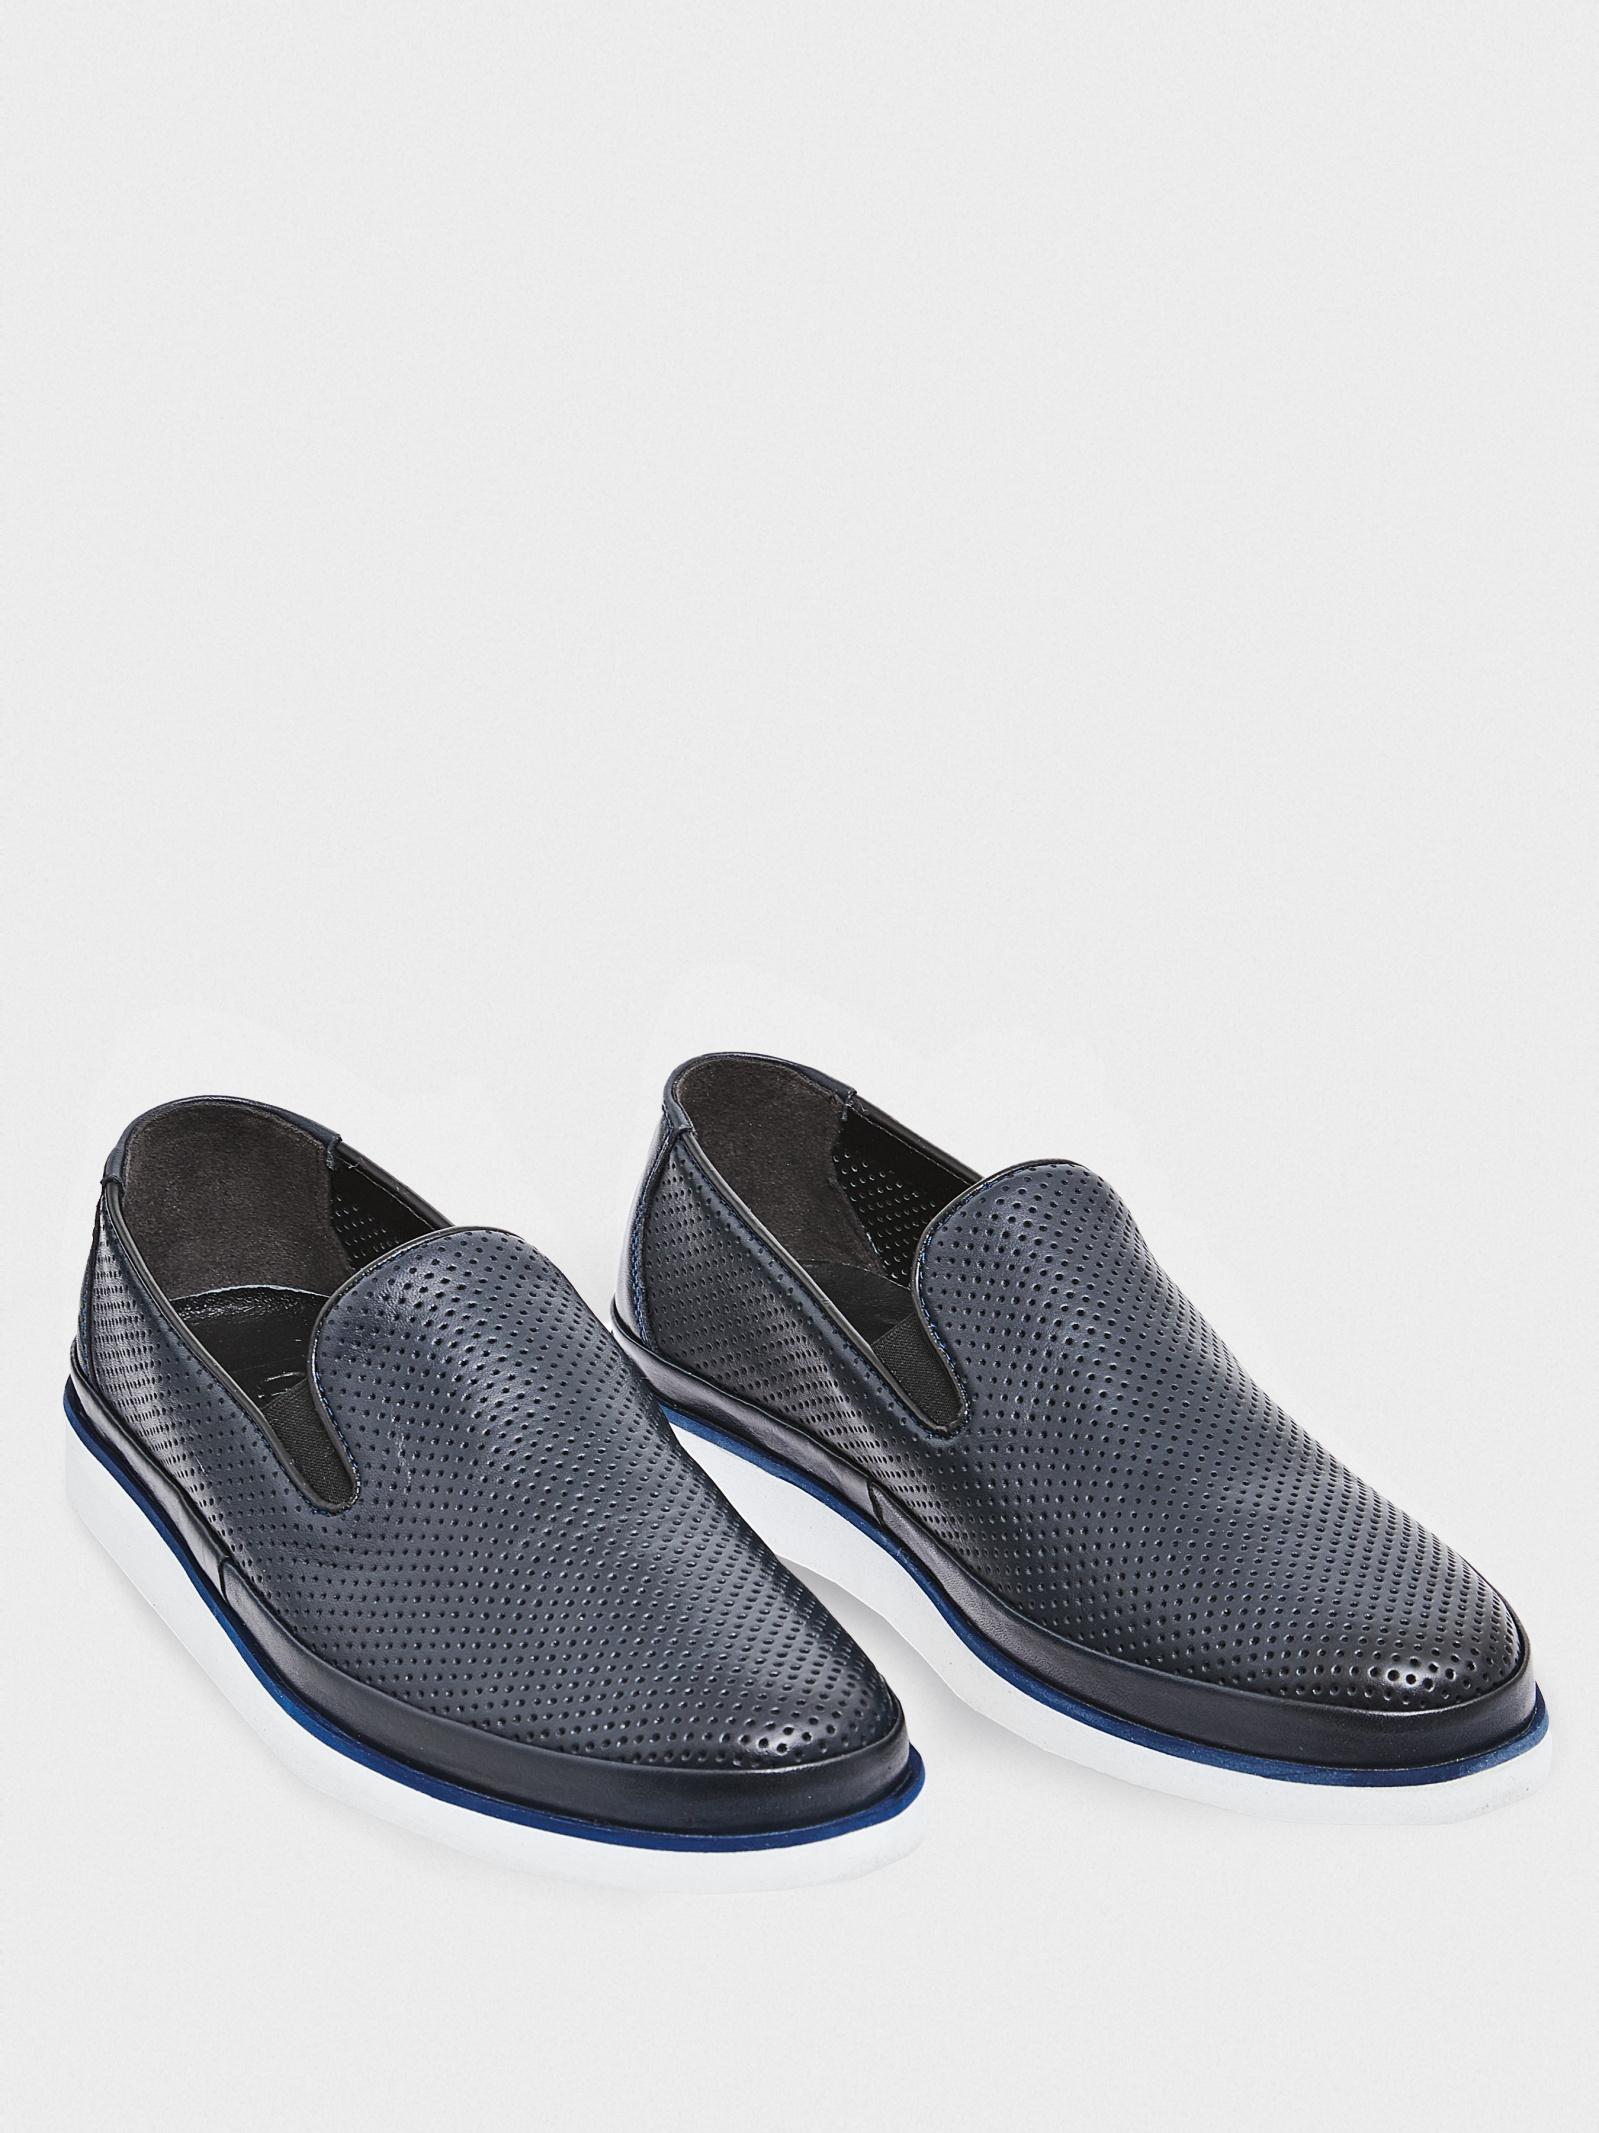 Слипоны мужские GRAF shoes SYM-AT-03 NAVY NAPA продажа, 2017